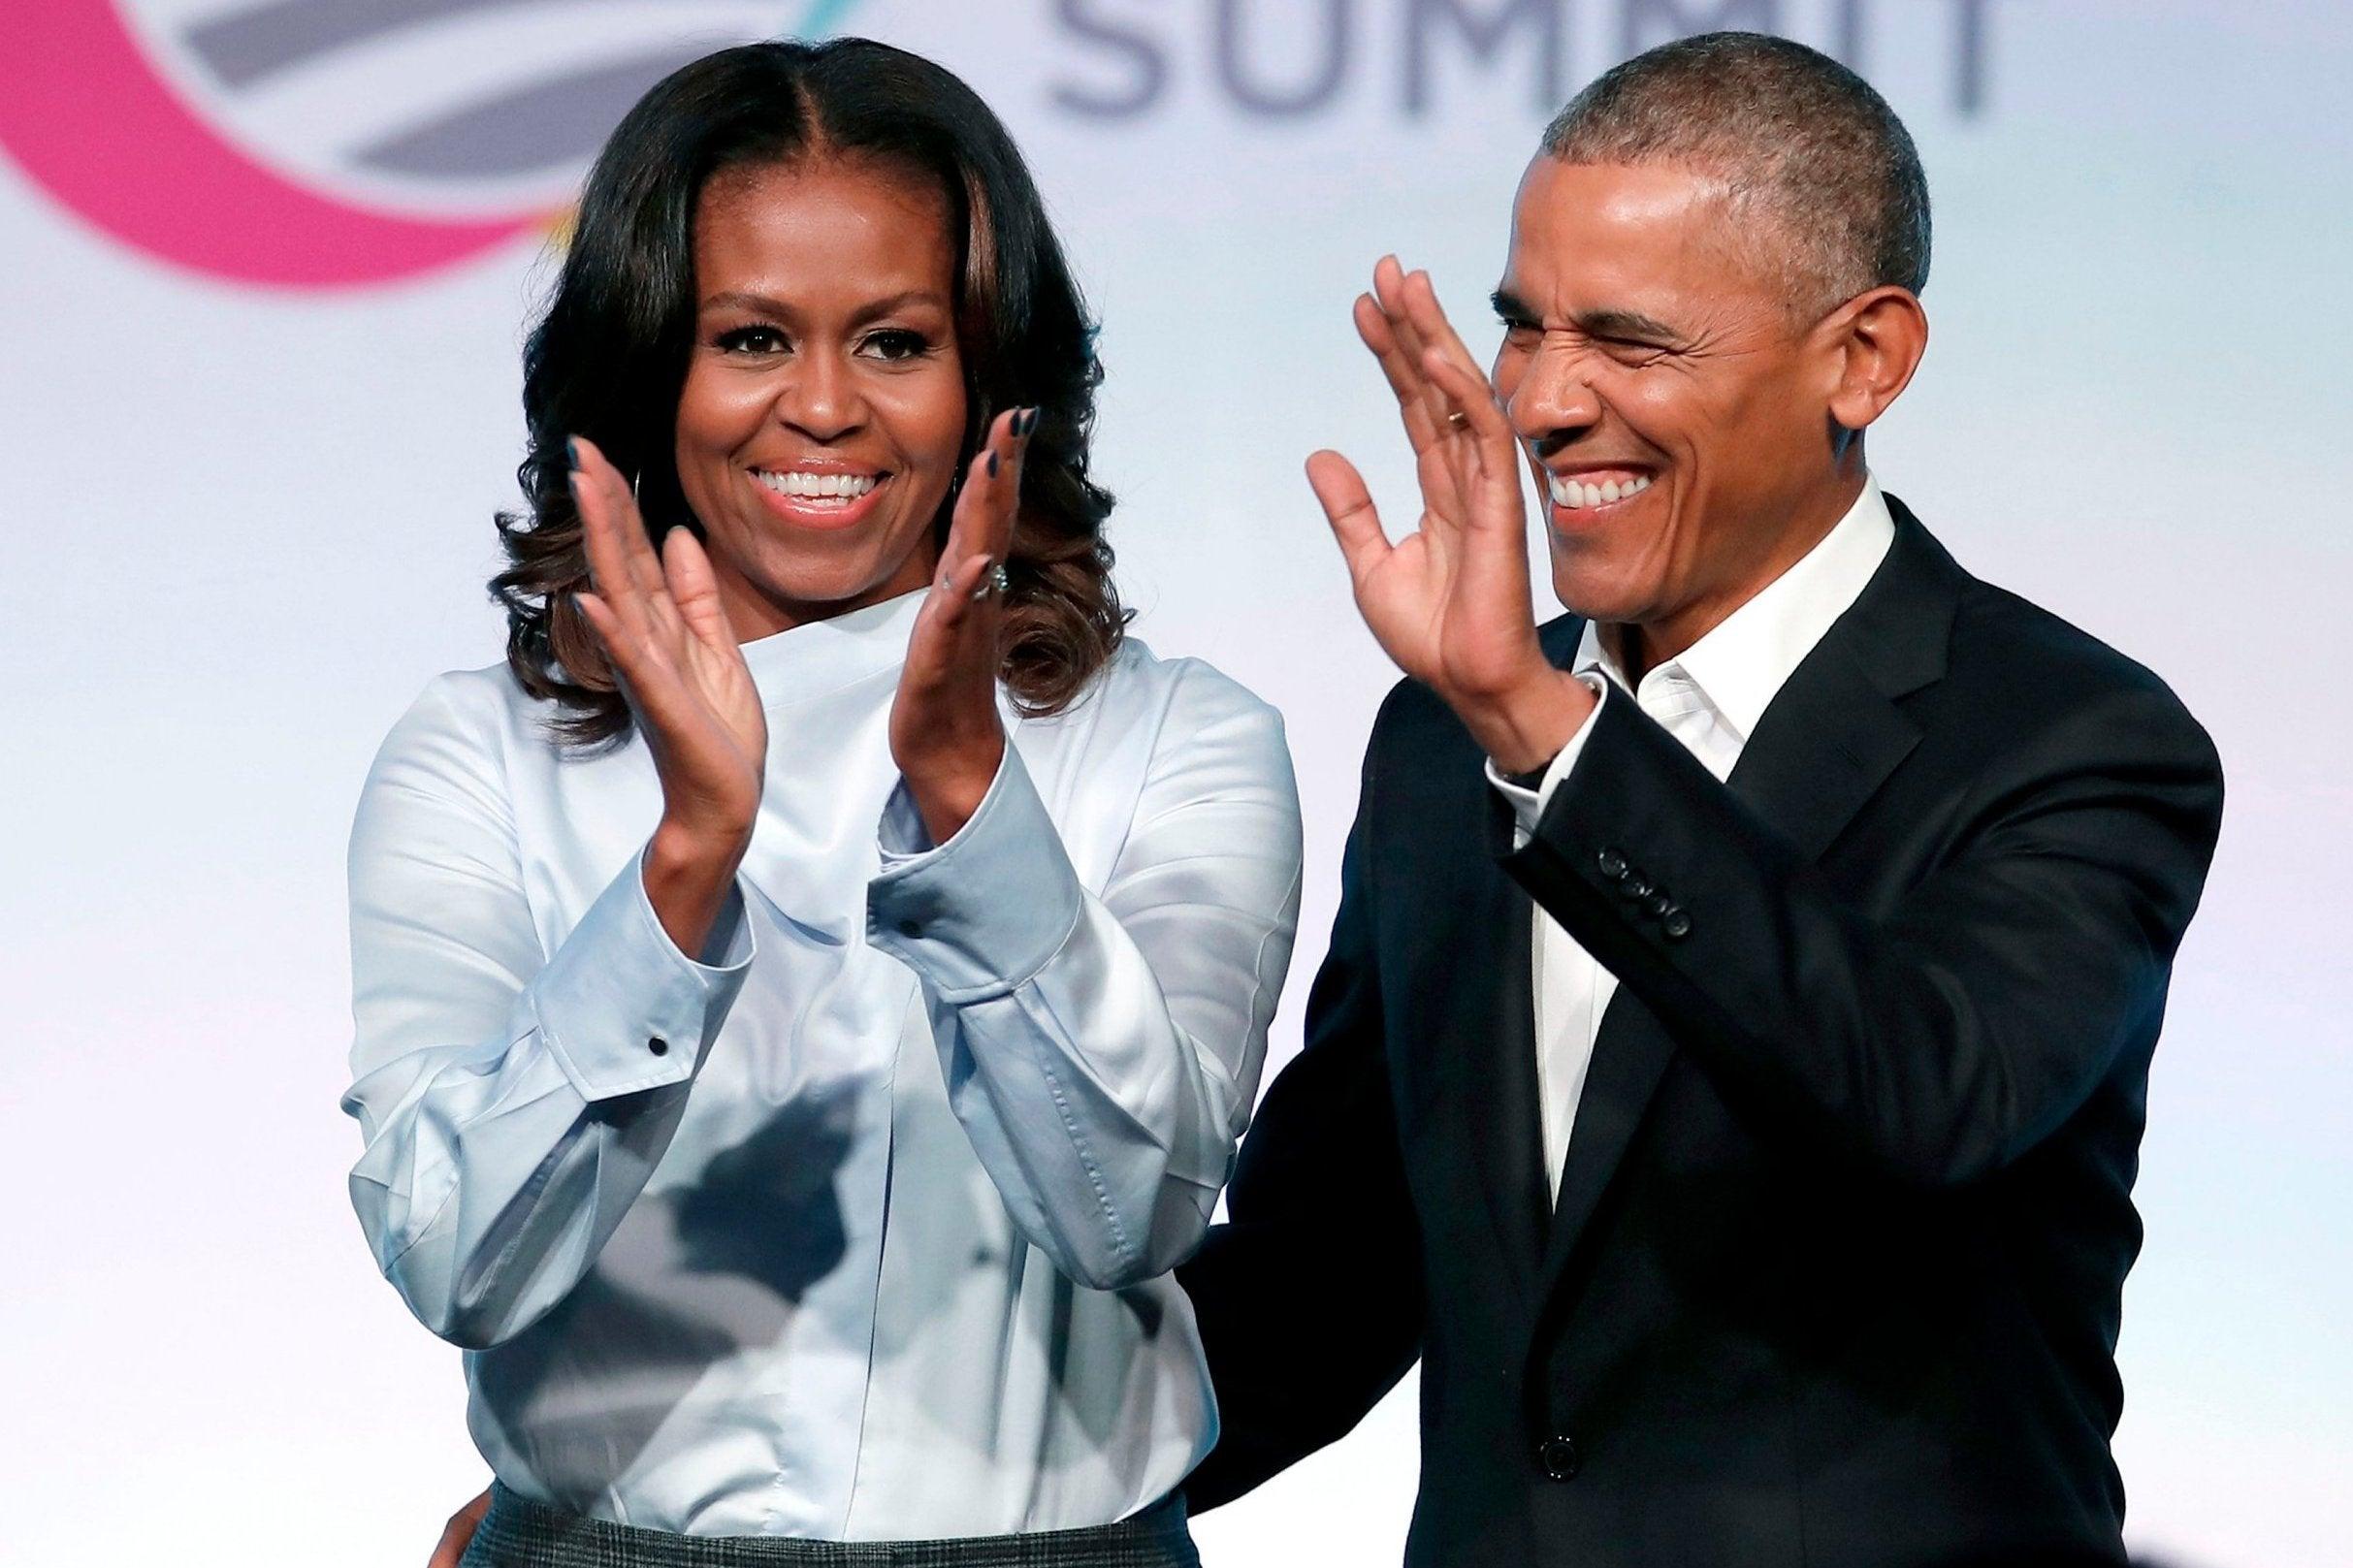 PunjabKesari, Barack and Michelle Obama, Nari